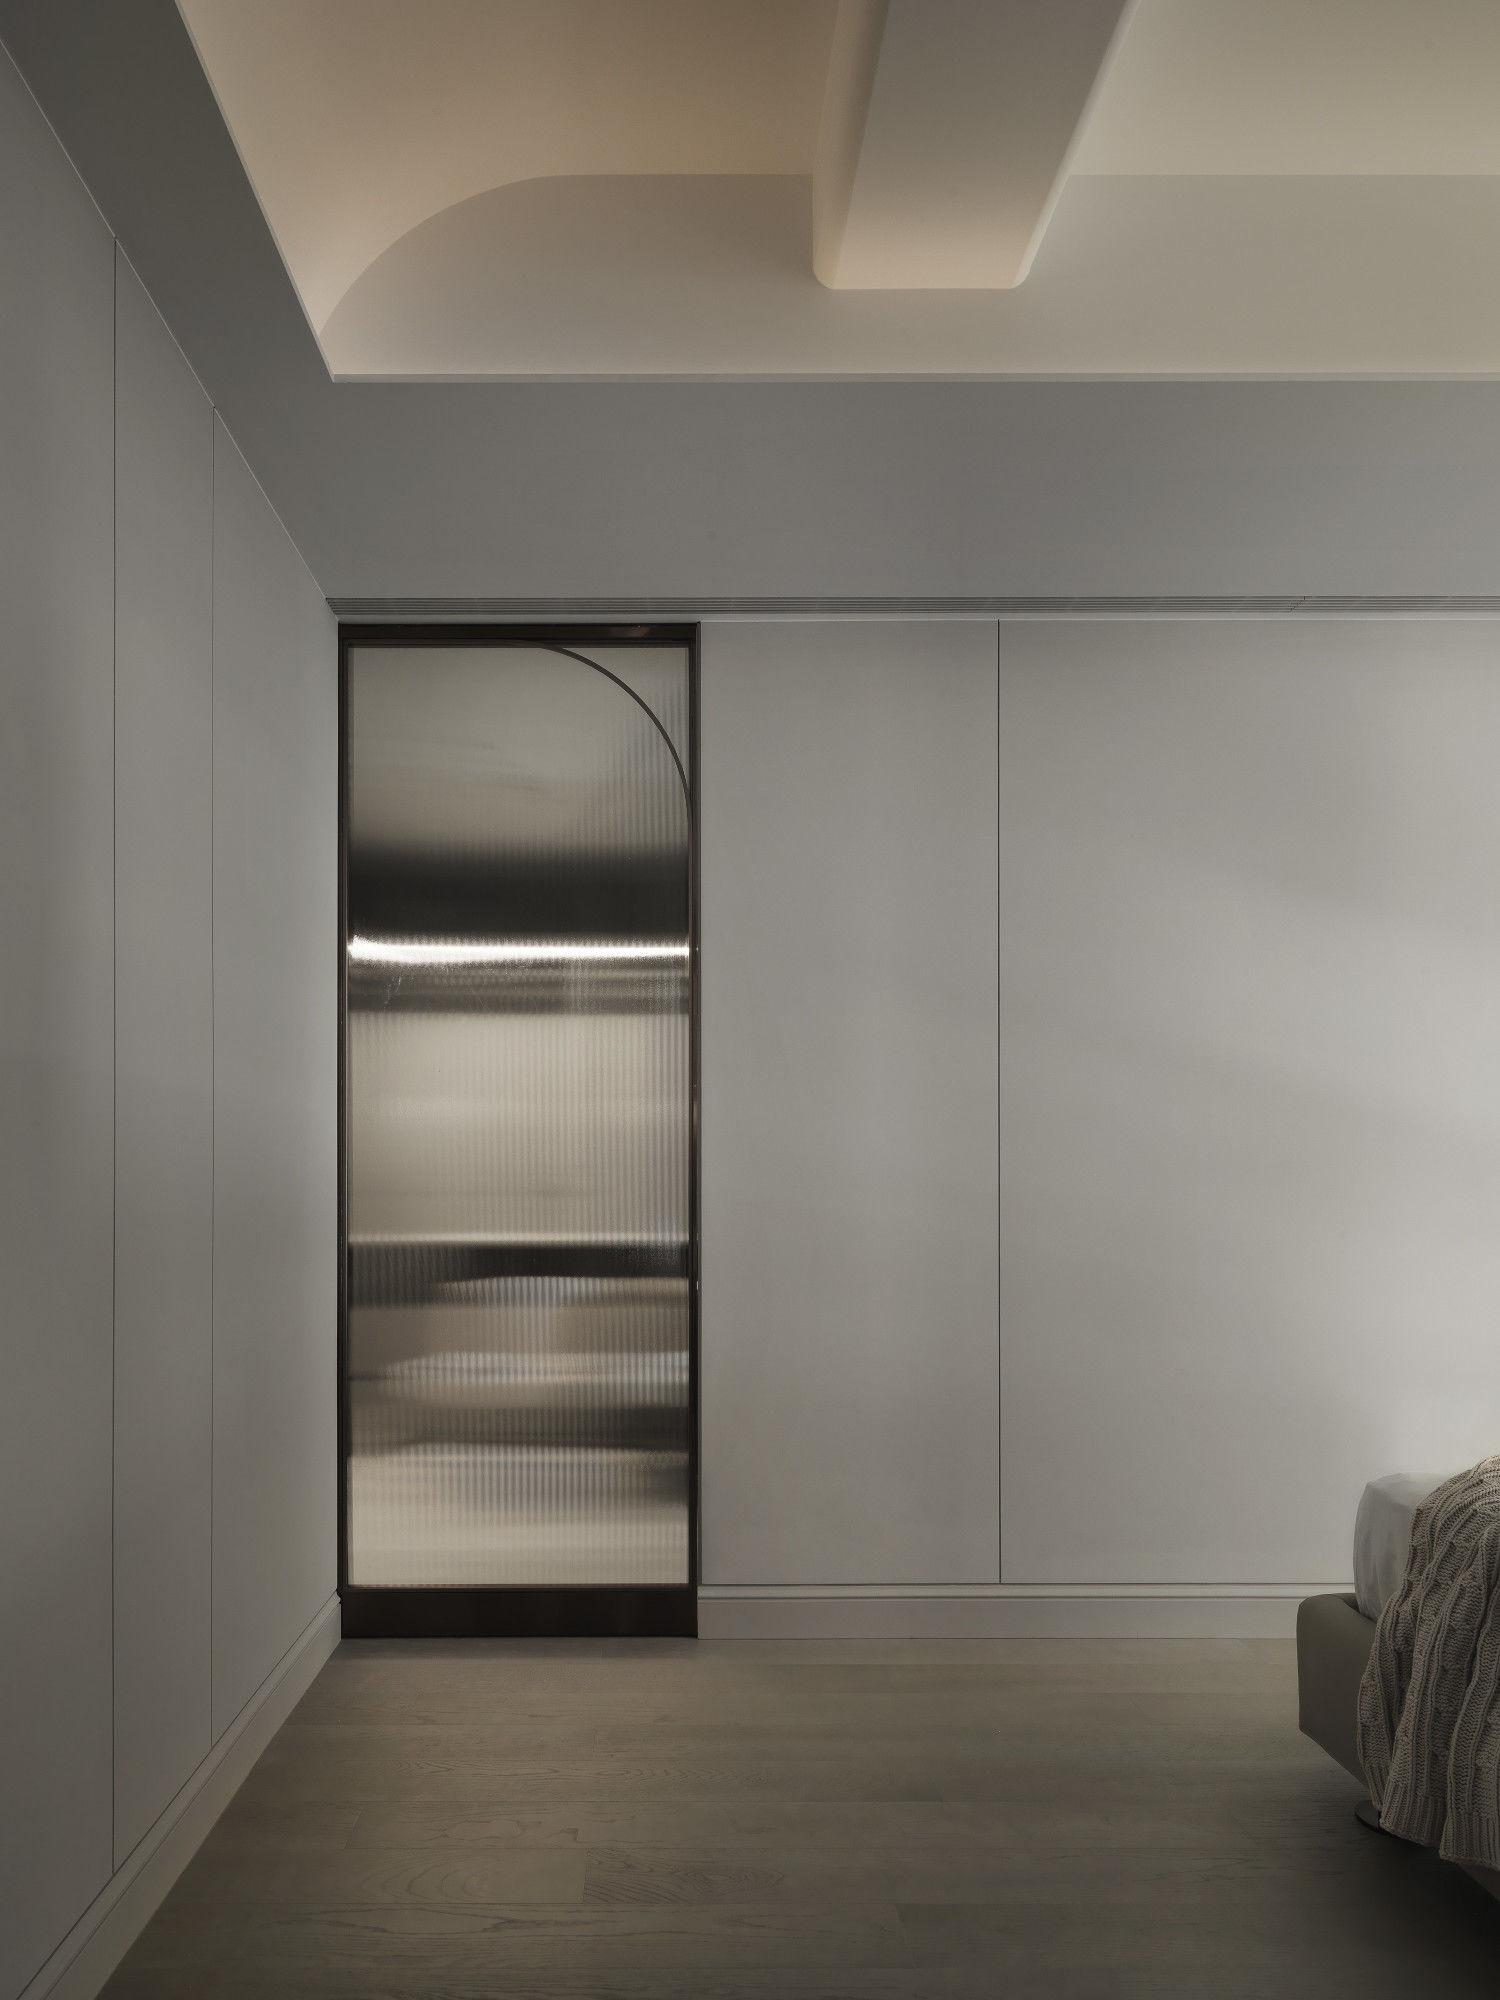 台中分子設計-現代風設計師-台中七期室內設計-電梯大樓整體規劃-臥室鍍鈦滑門、獨立更衣間